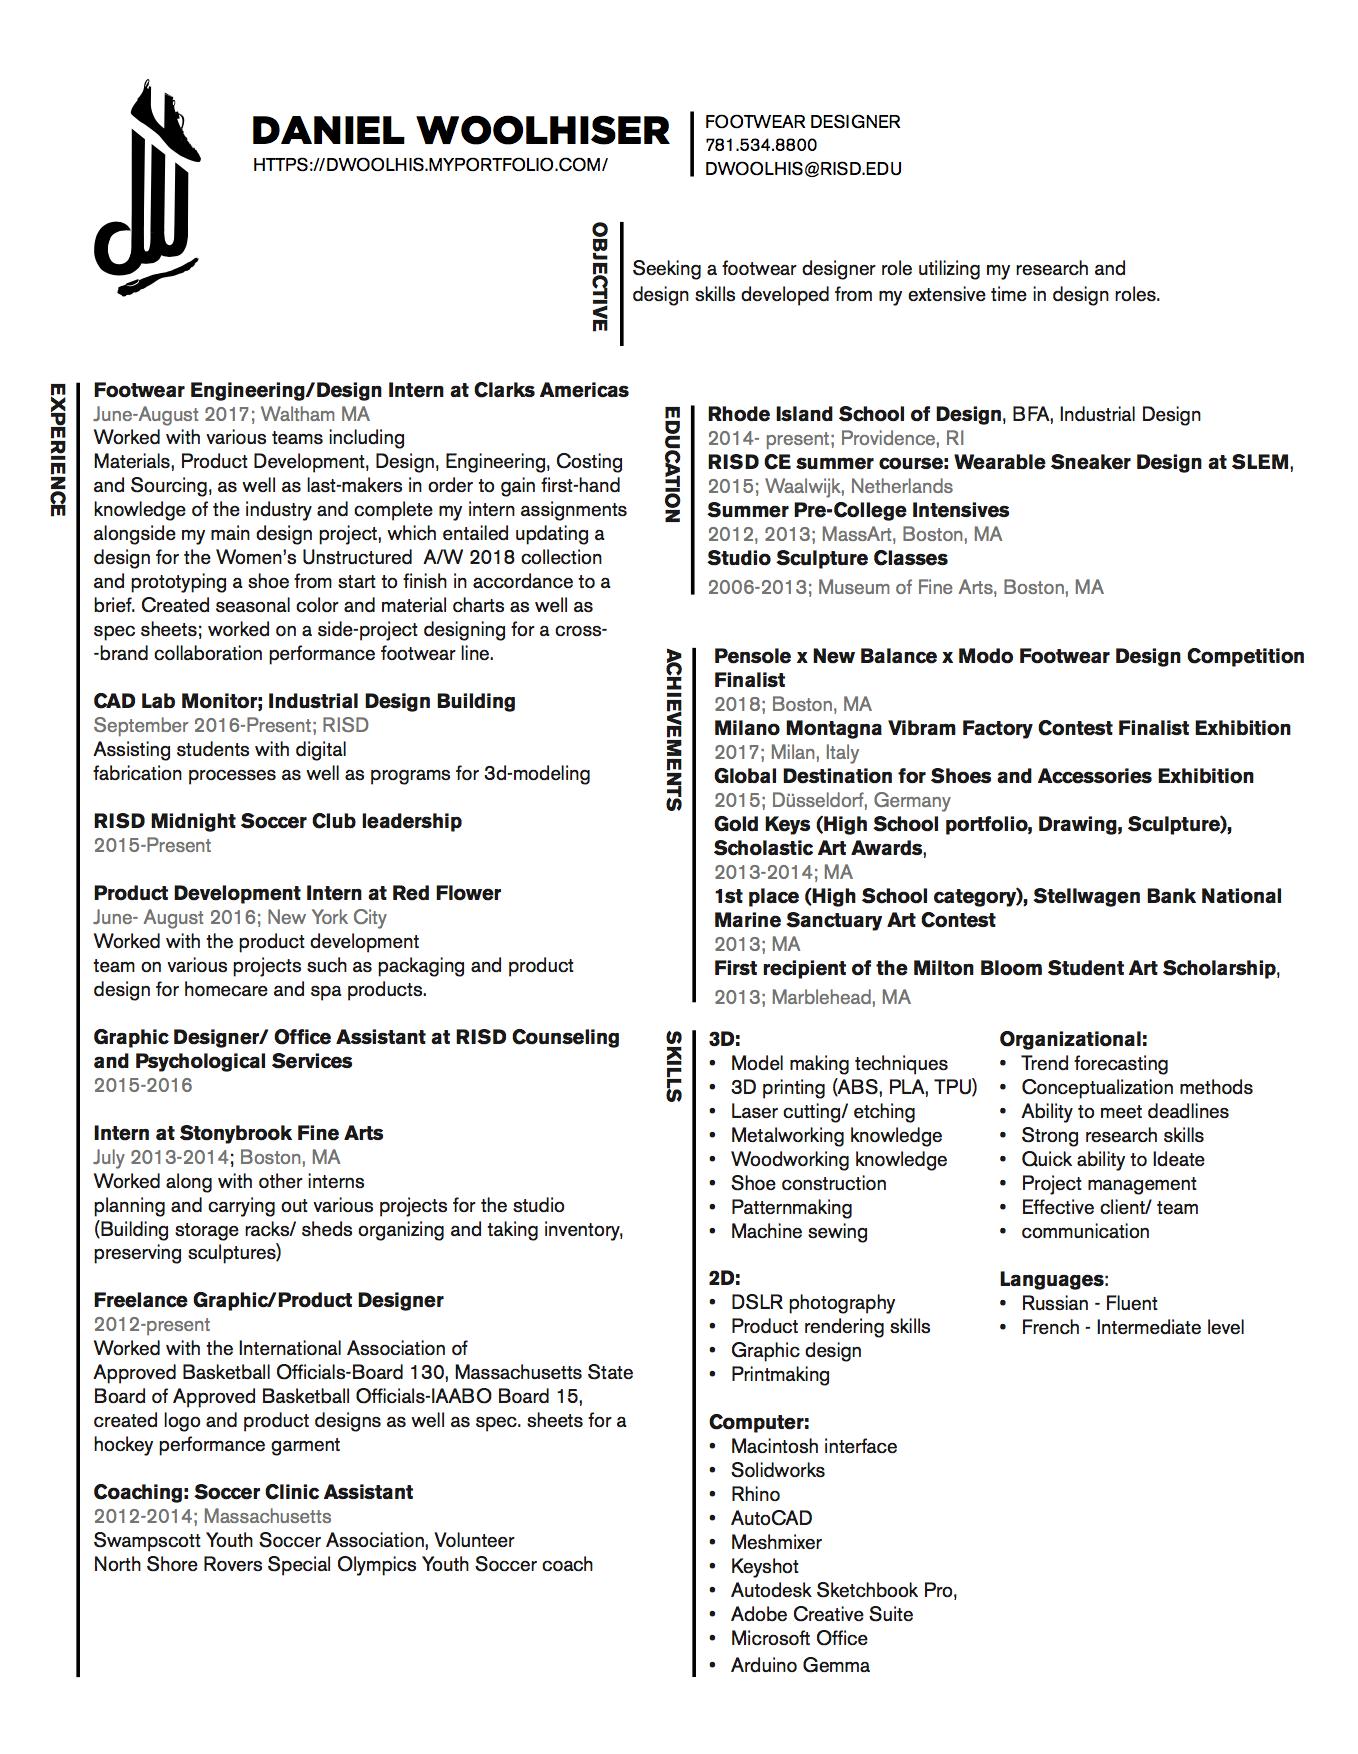 Daniel Woolhiser - Contact/Resume